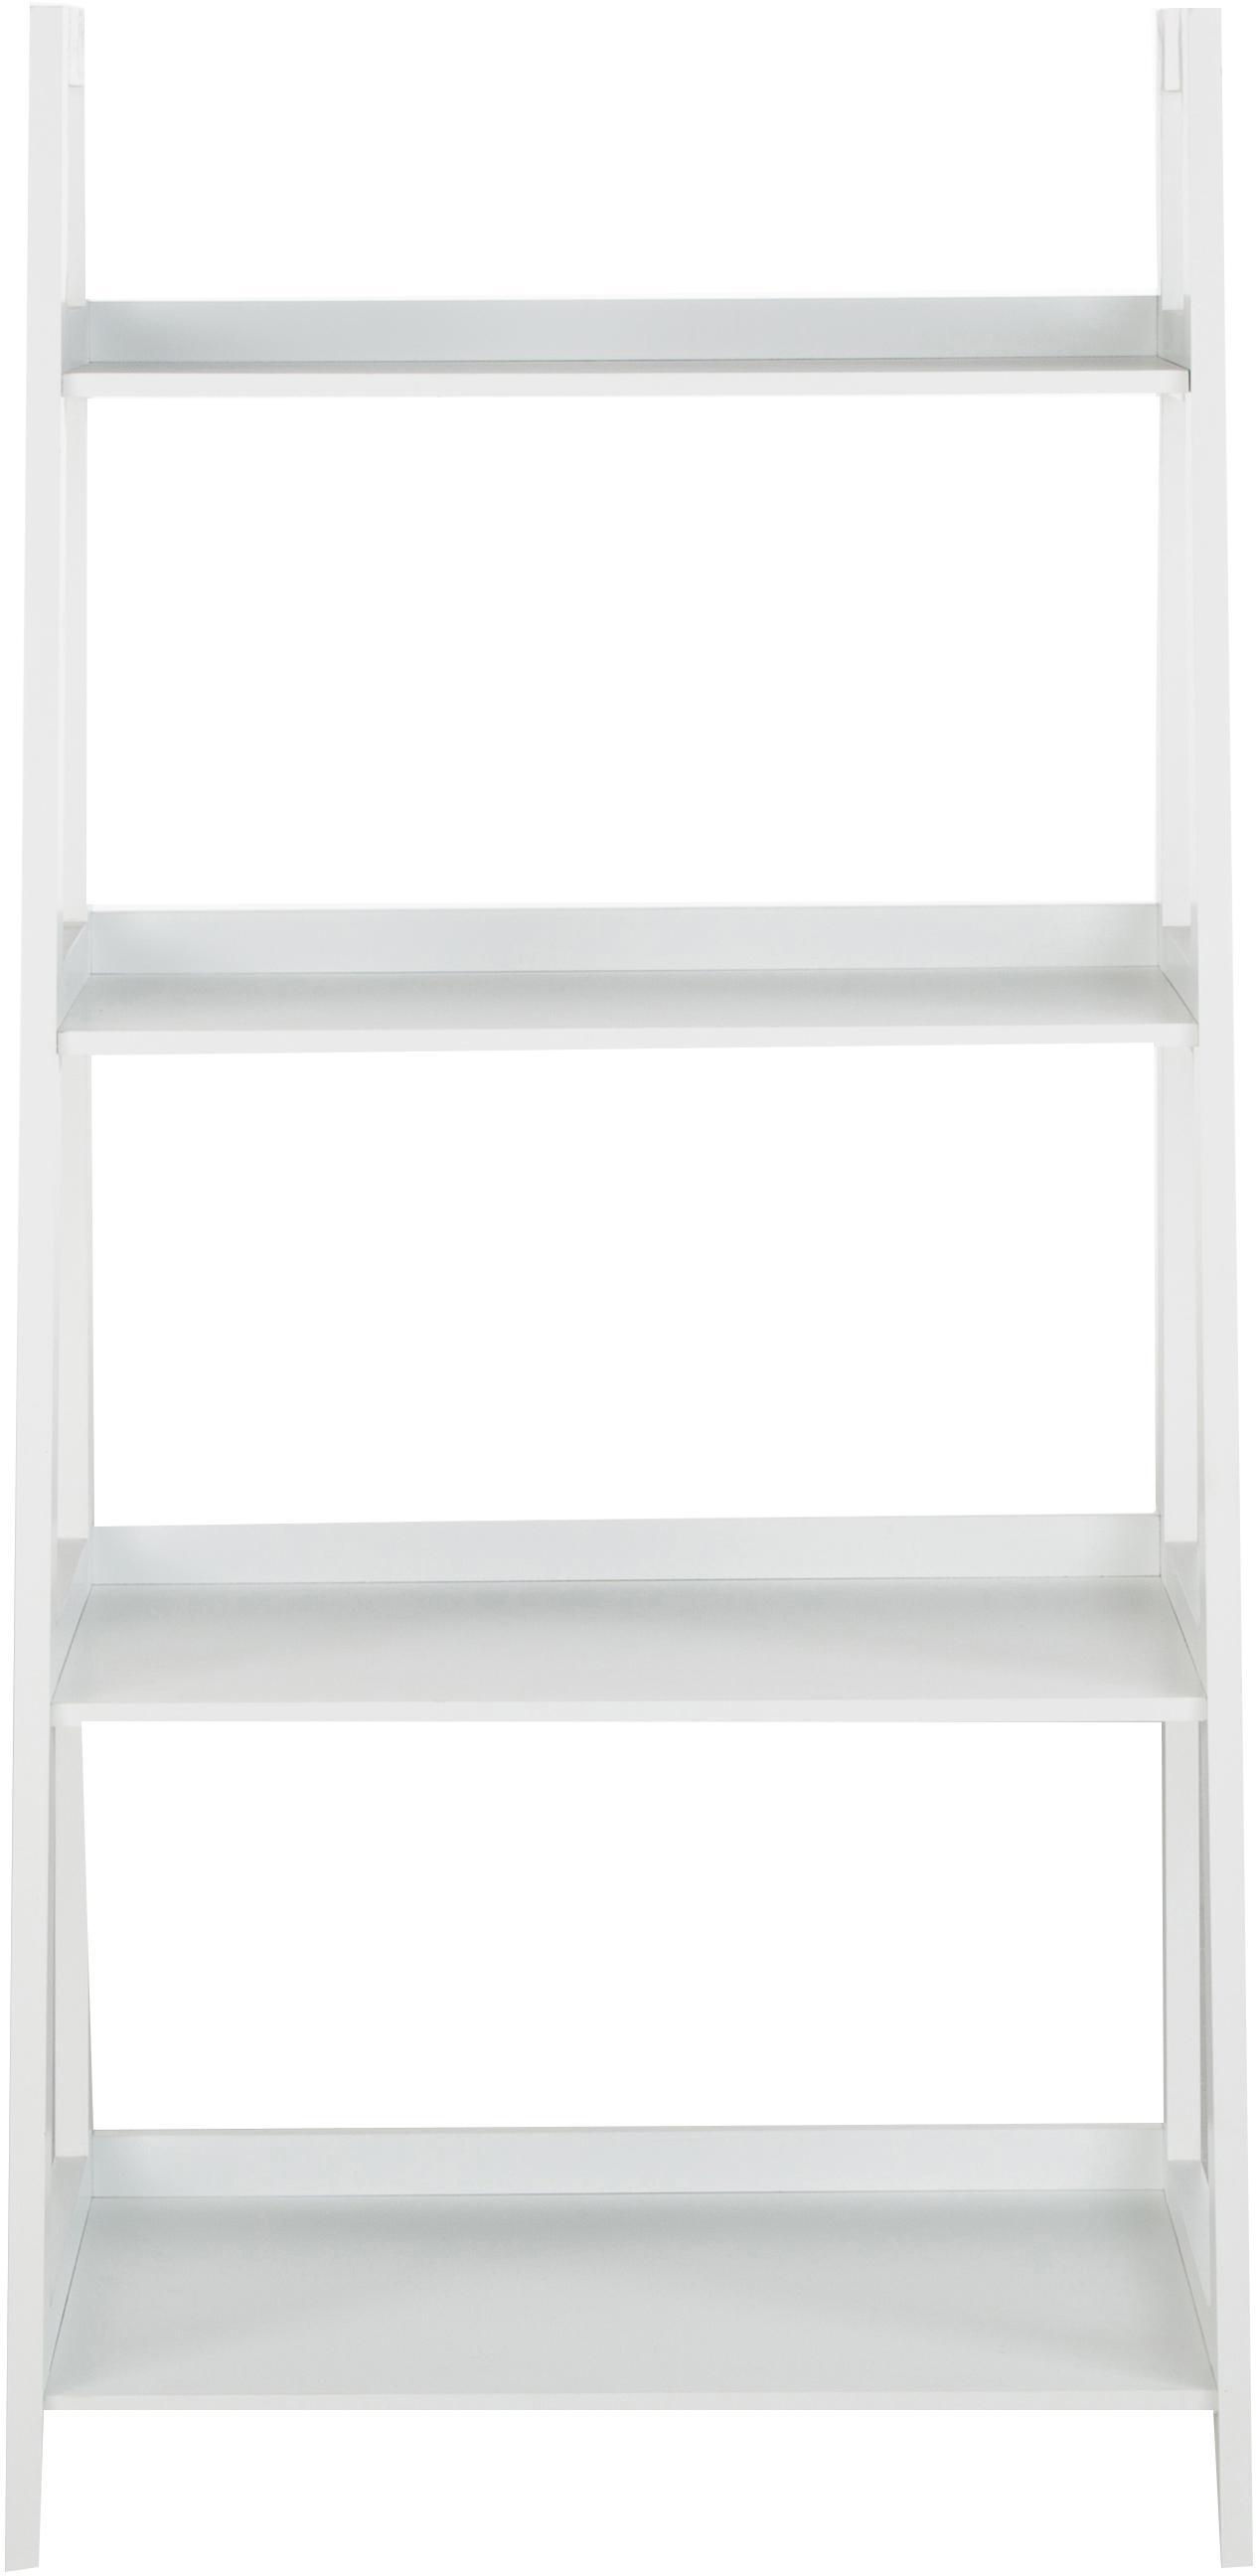 Standregal Wally in Weiß, Mitteldichte Holzfaserplatte (MDF), lackiert, Weiß, hochglanz, 63 x 130 cm